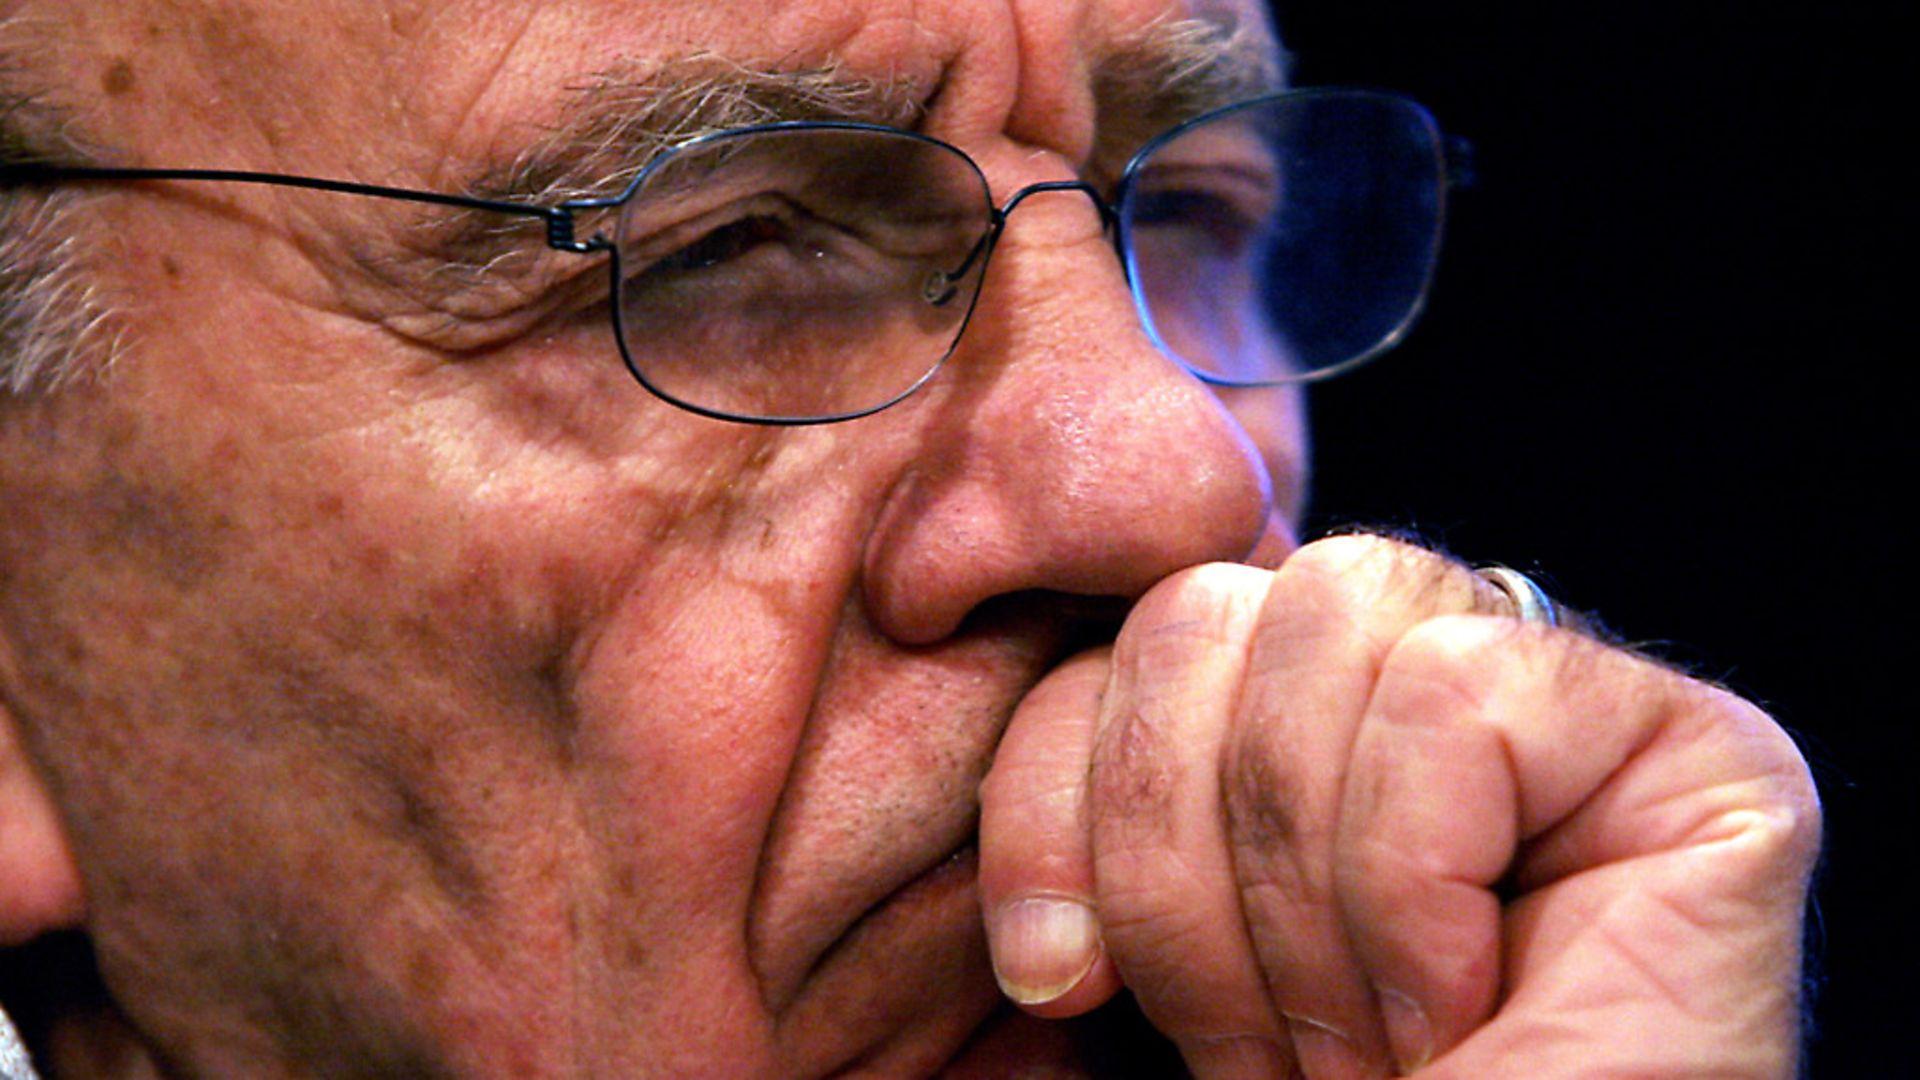 Rupert Murdoch listens to a gathering of reporters immediately following a shareholder meeting. (AP Photo/Bebeto Matthews) - Credit: AP/Press Association Images